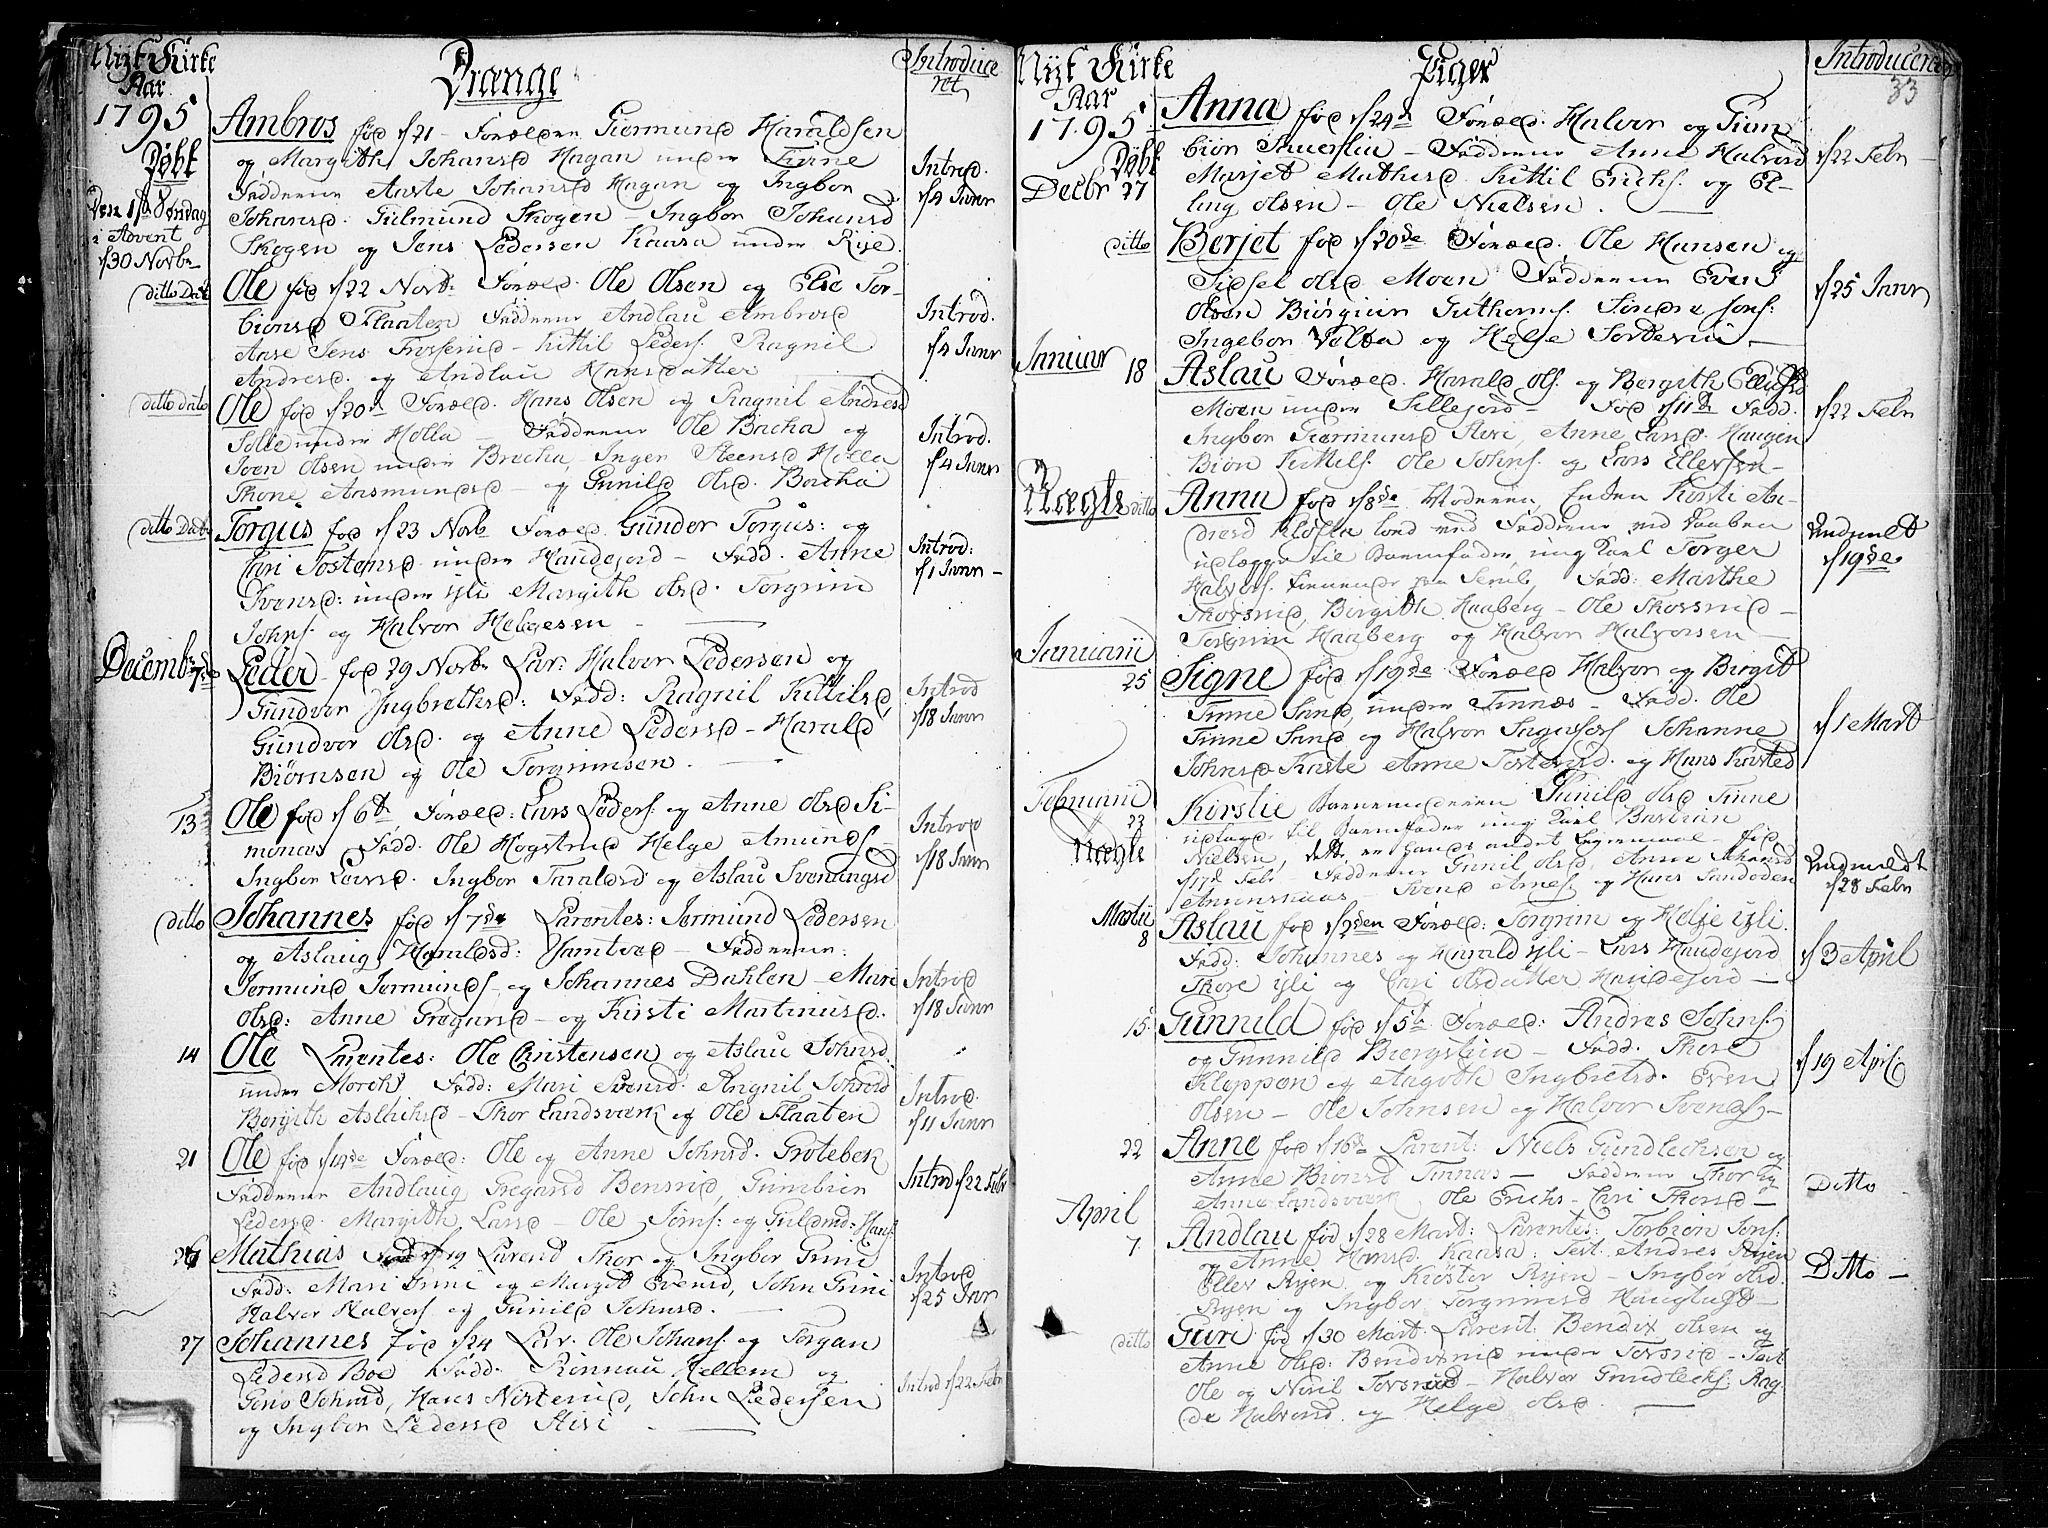 SAKO, Heddal kirkebøker, F/Fa/L0004: Ministerialbok nr. I 4, 1784-1814, s. 33